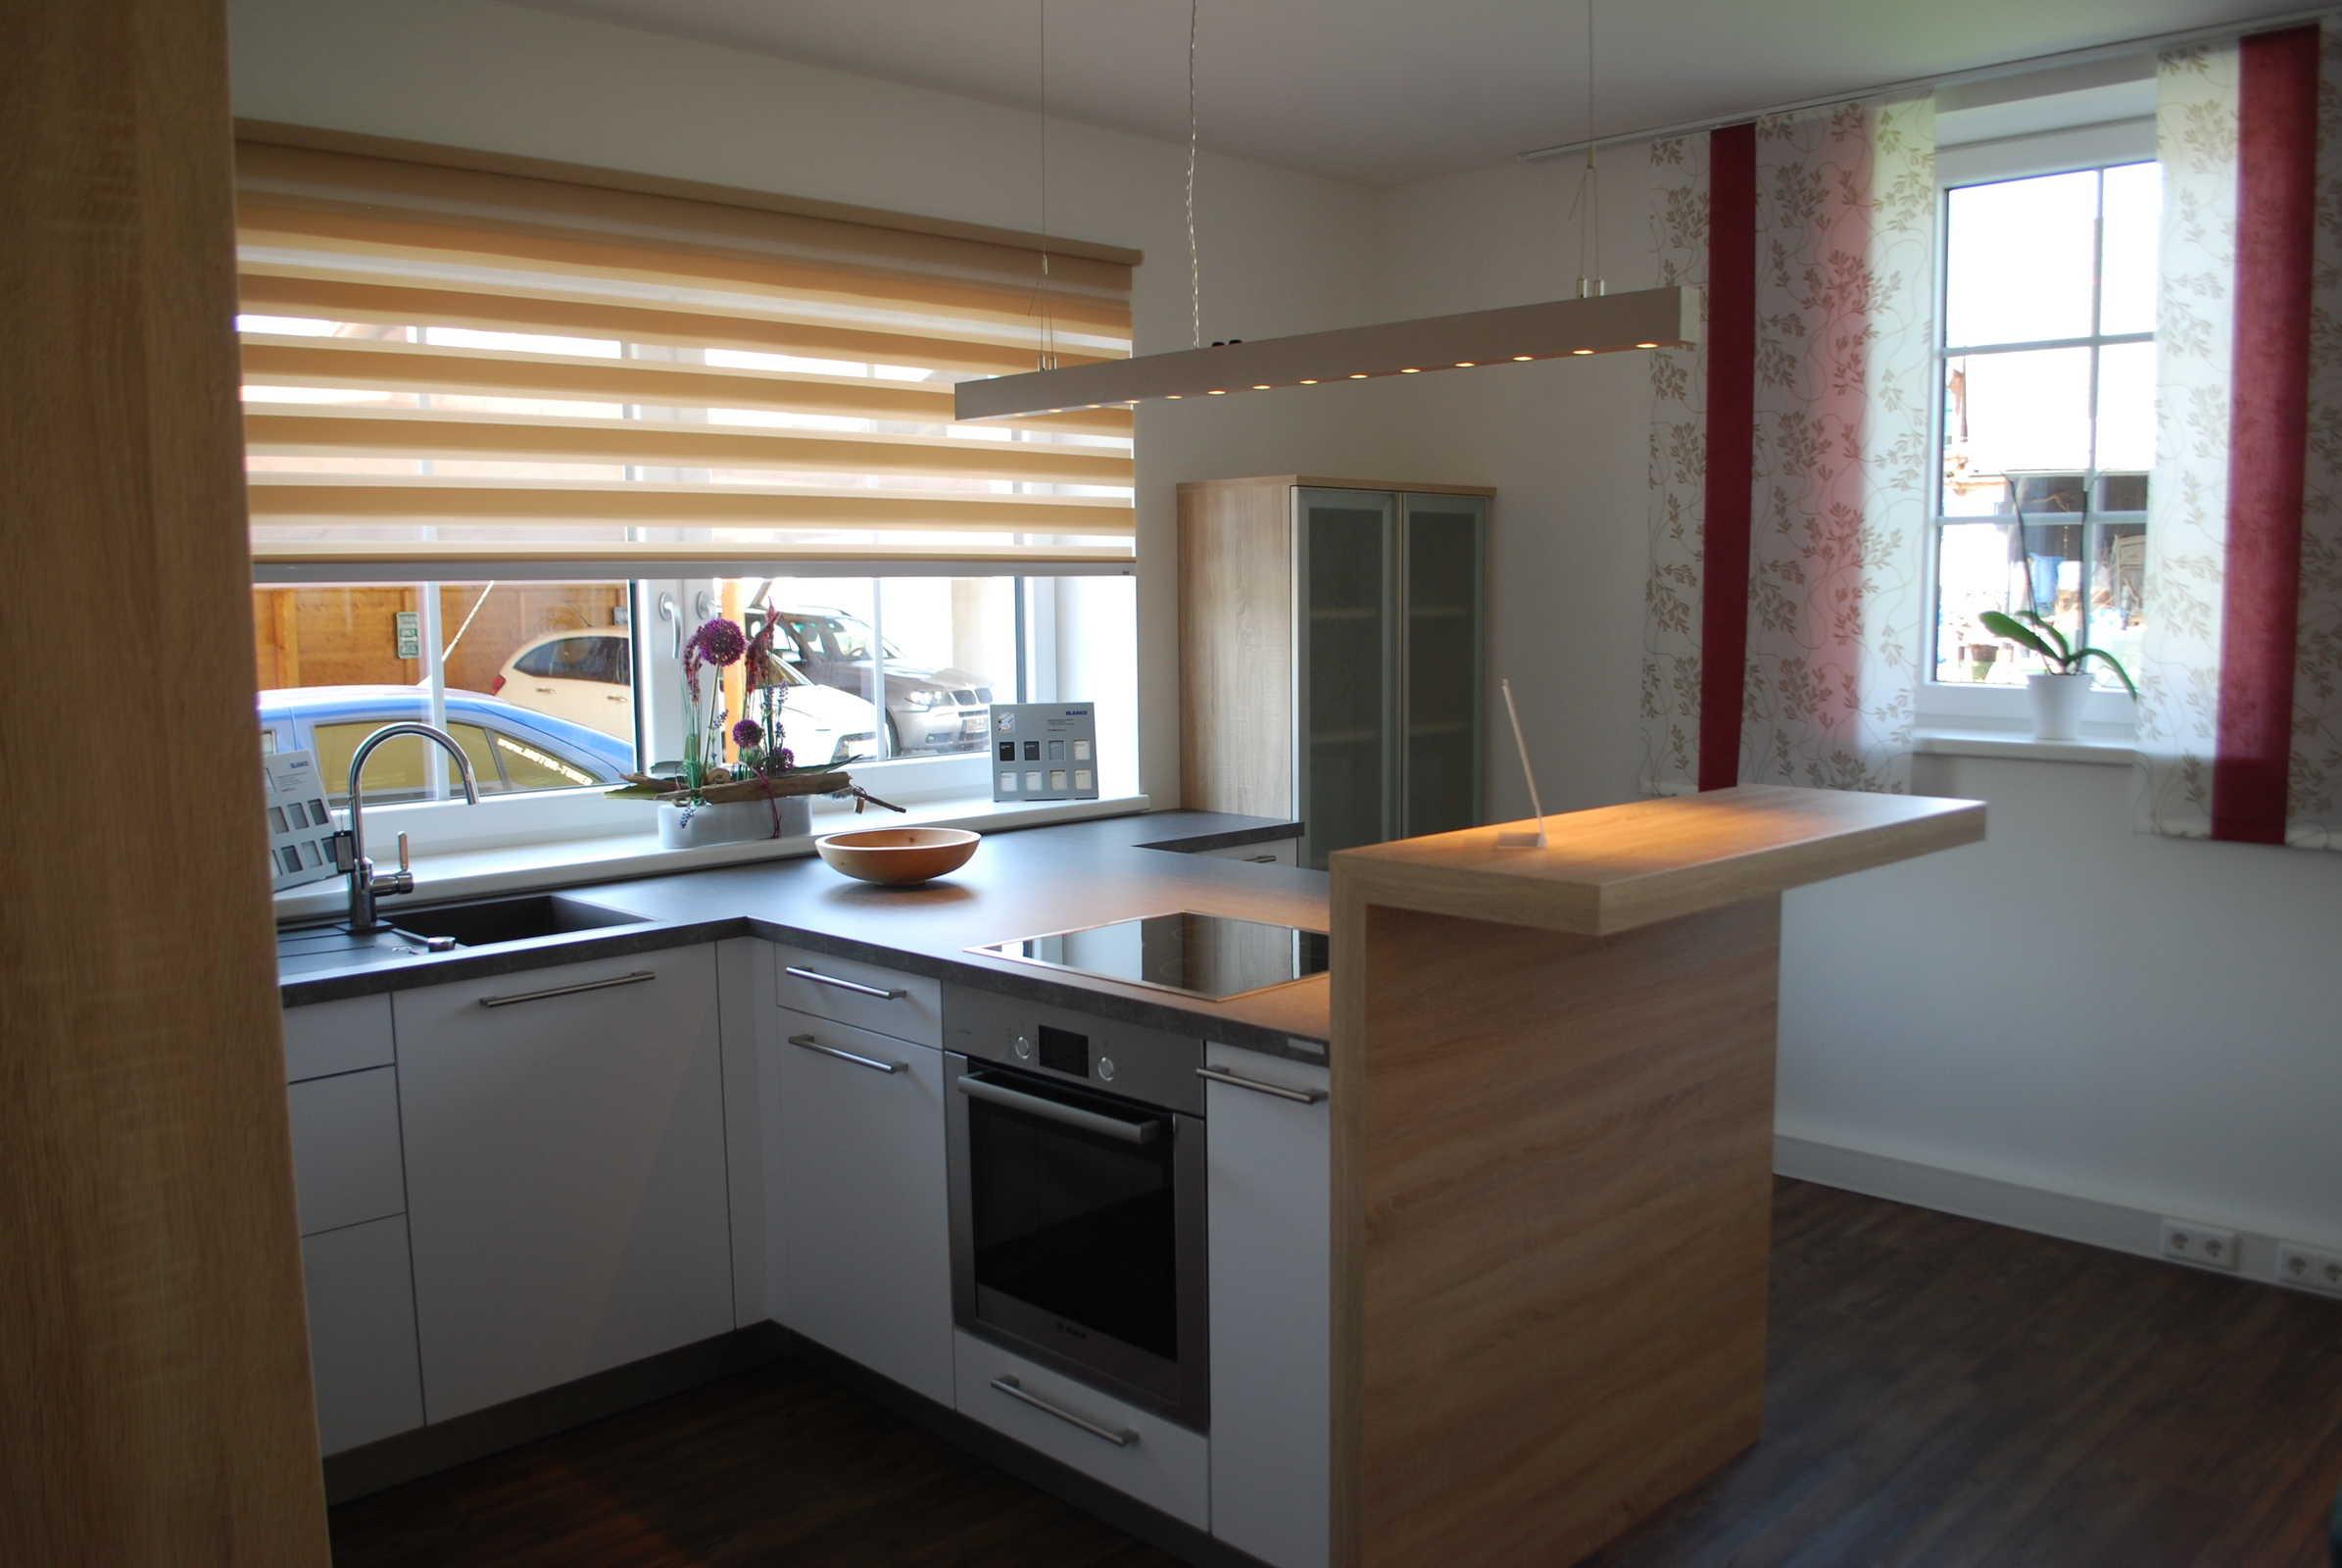 Küche HAKA, Artic White seidenmatt Kristallweiß, Seiten, Bar und ...